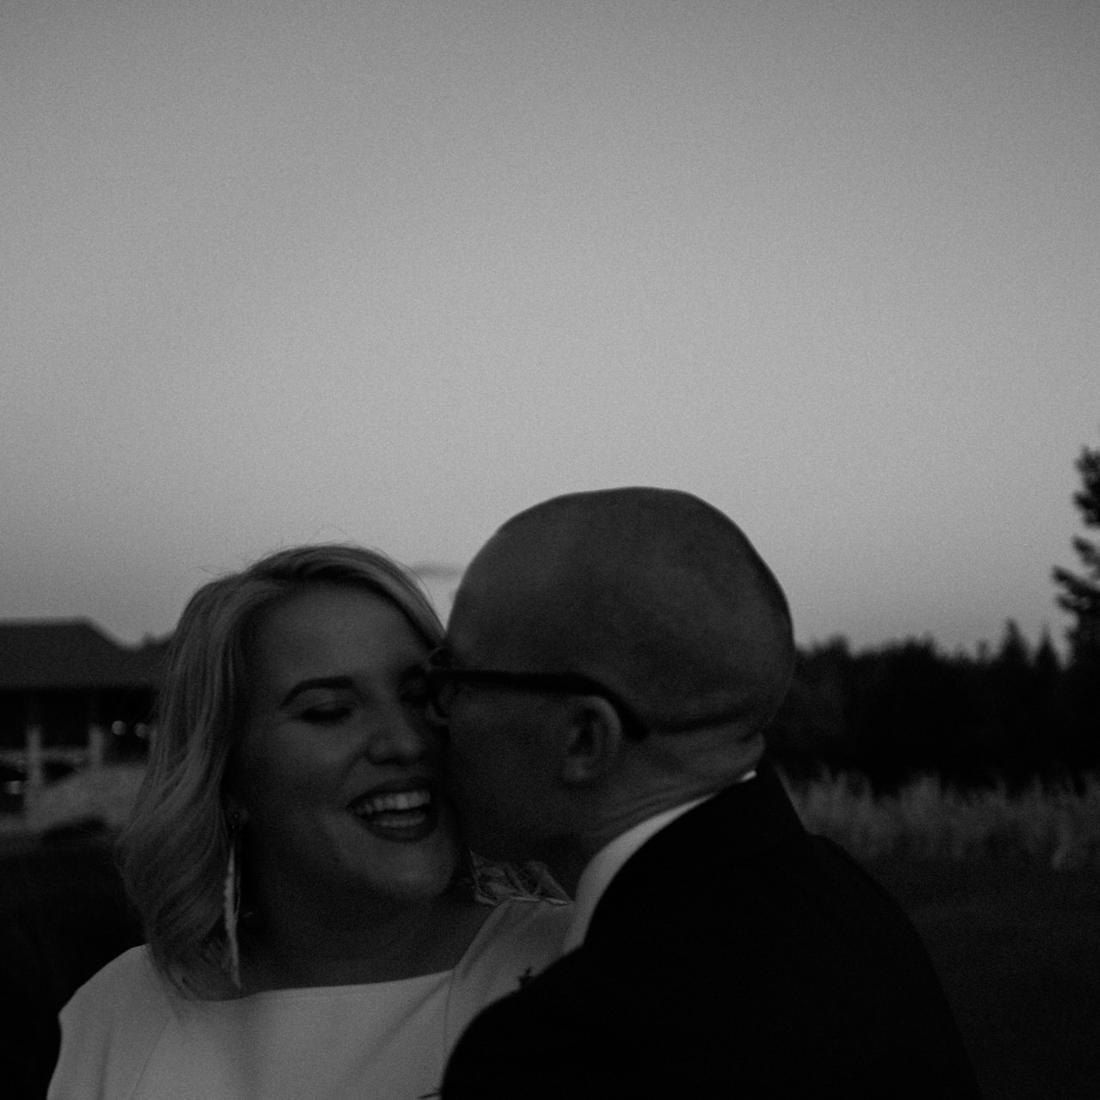 moody bride and groom wedding portrait.jpg